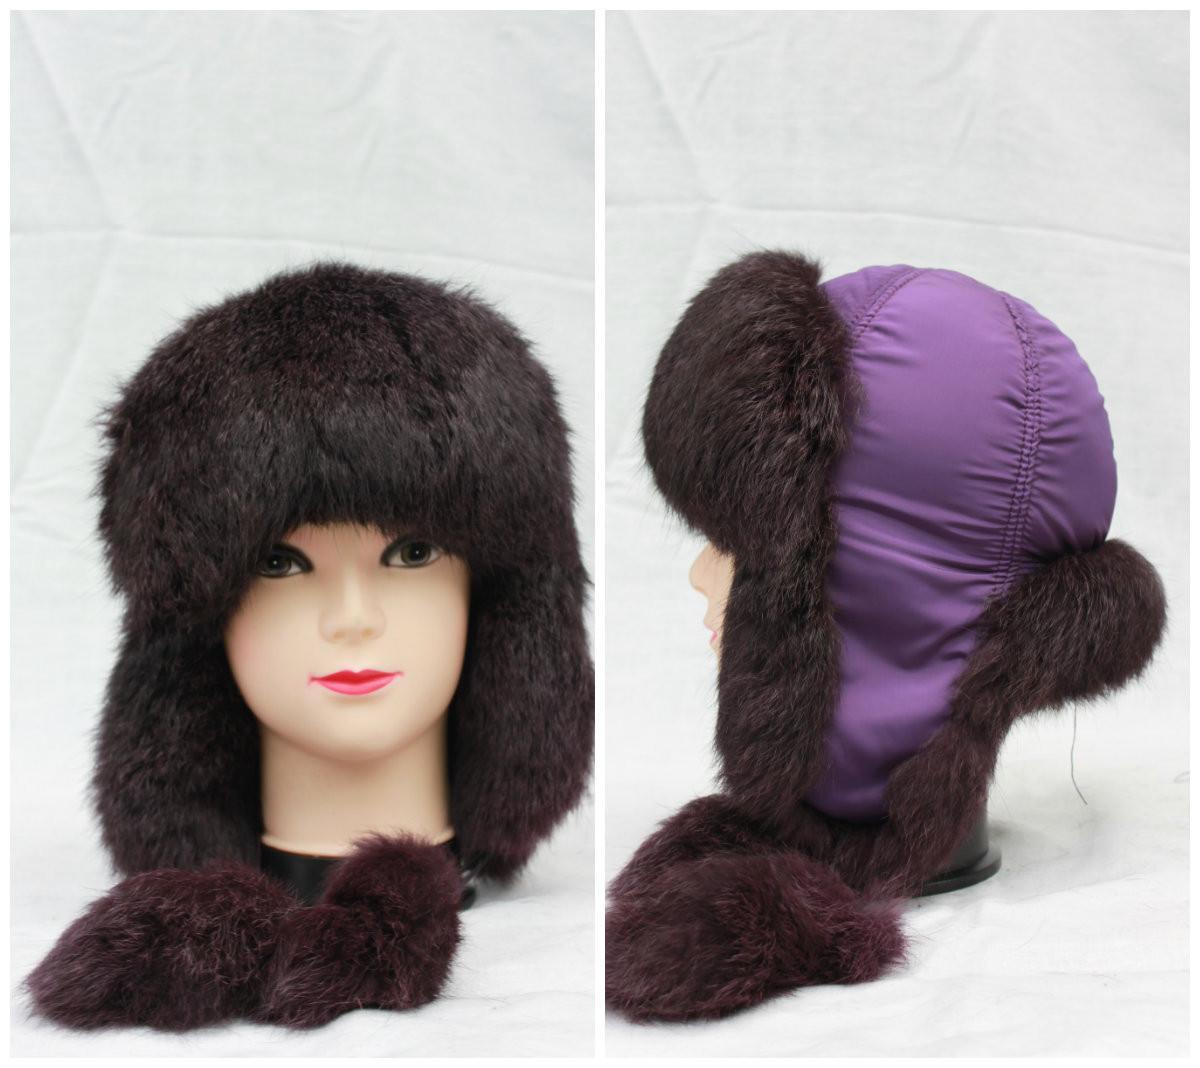 Дитяча зимова шапка з кролика, хлопчик, дівчинка, вушанка, від виробника, фіолетова